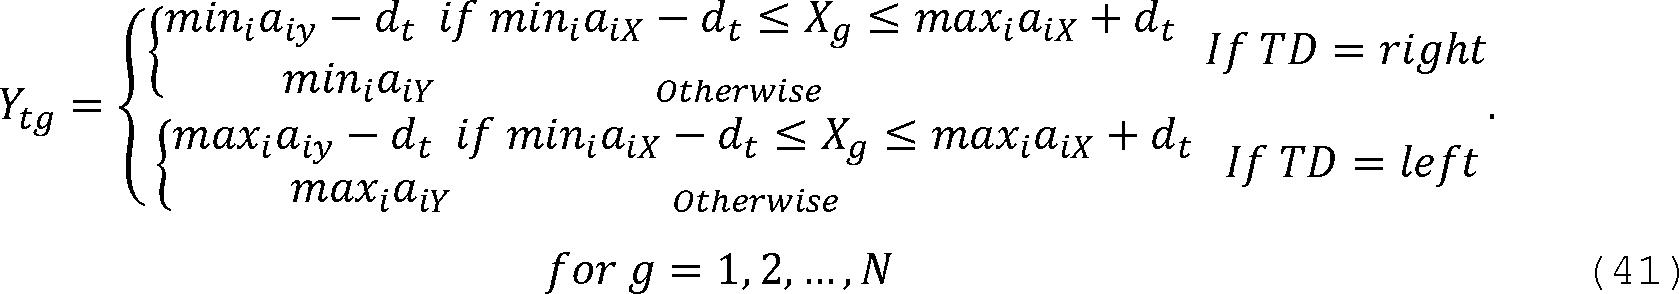 Figure DE102014114827A9_0026